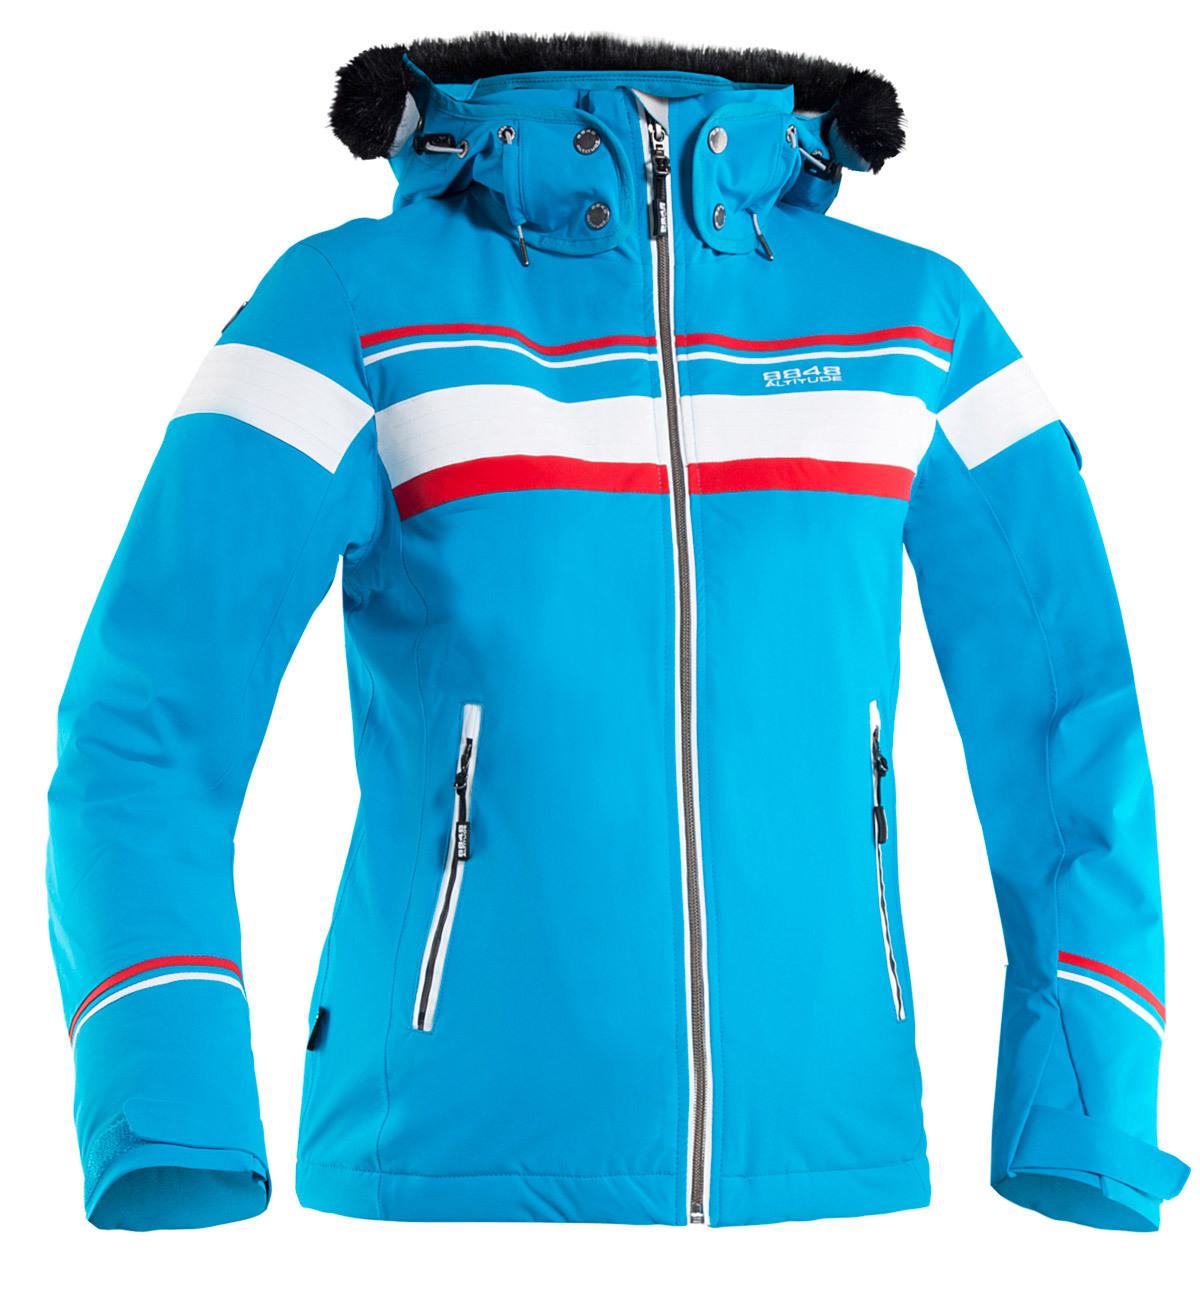 Горнолыжная куртка 8848 Altitude Carlin голубая